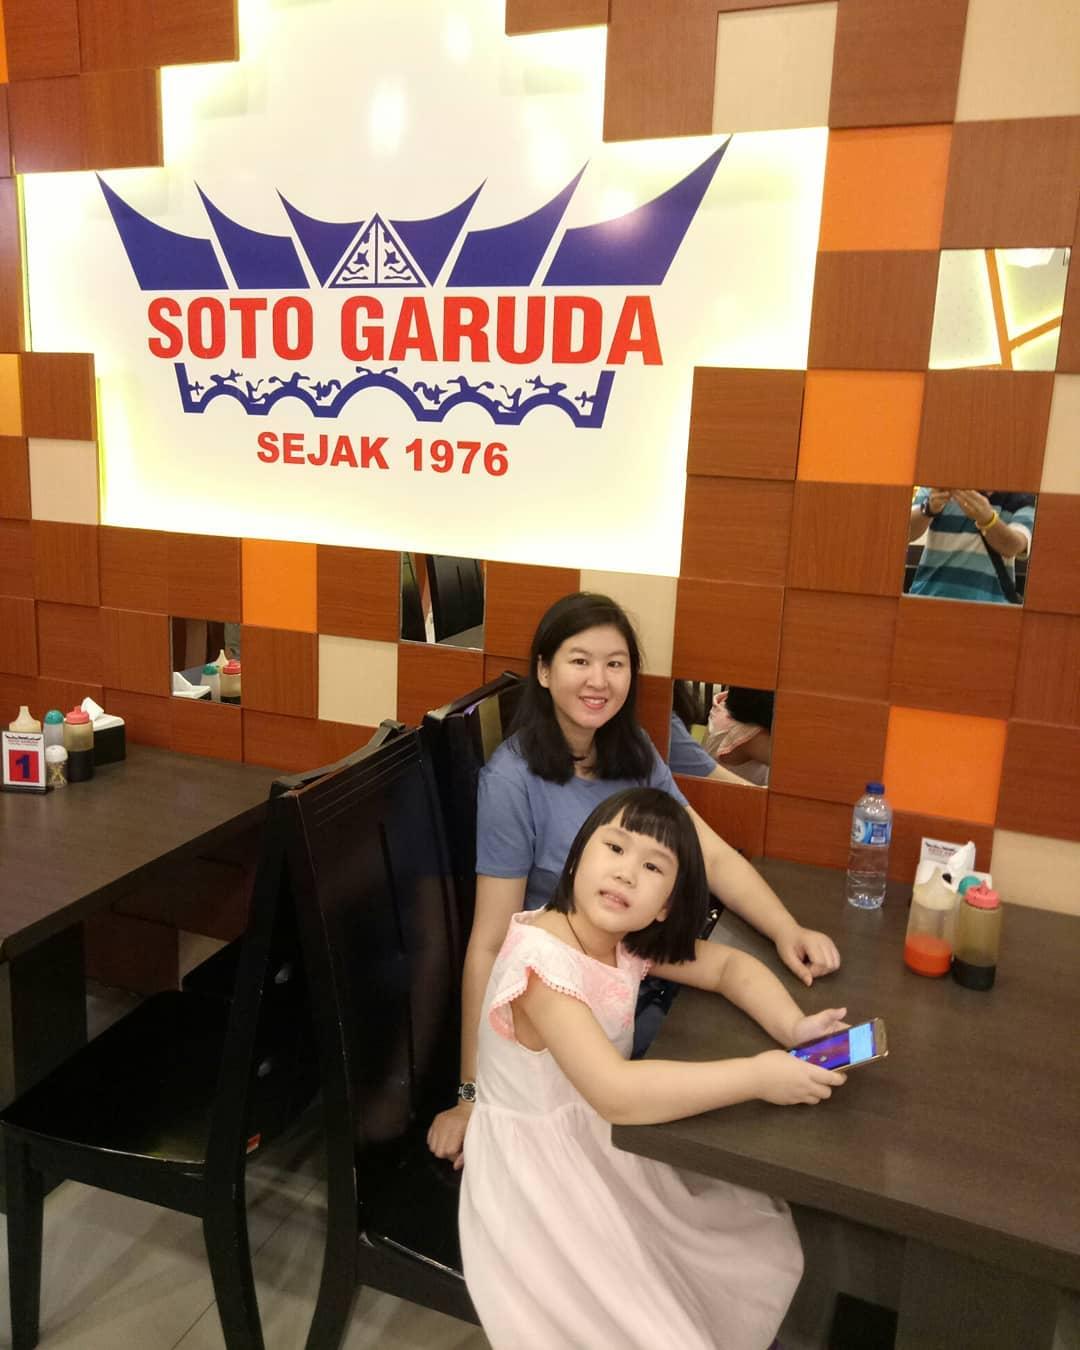 Soto Garuda